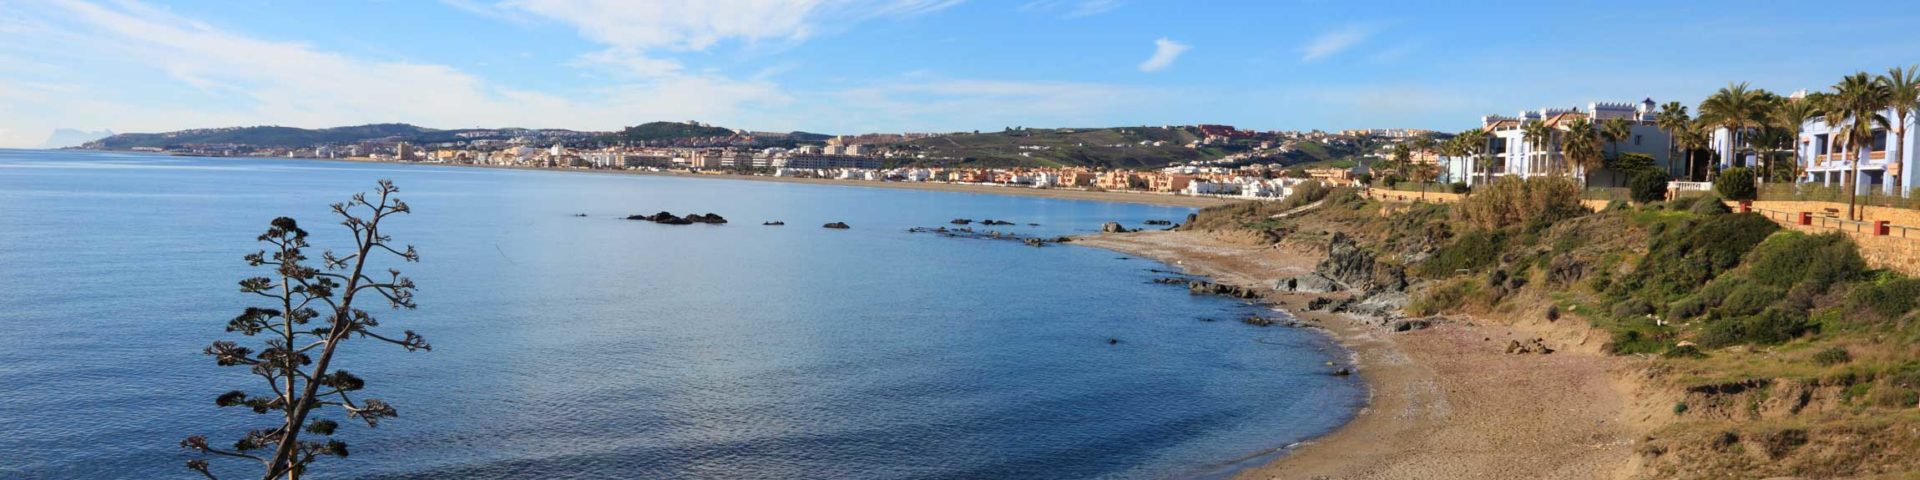 Casares Beach